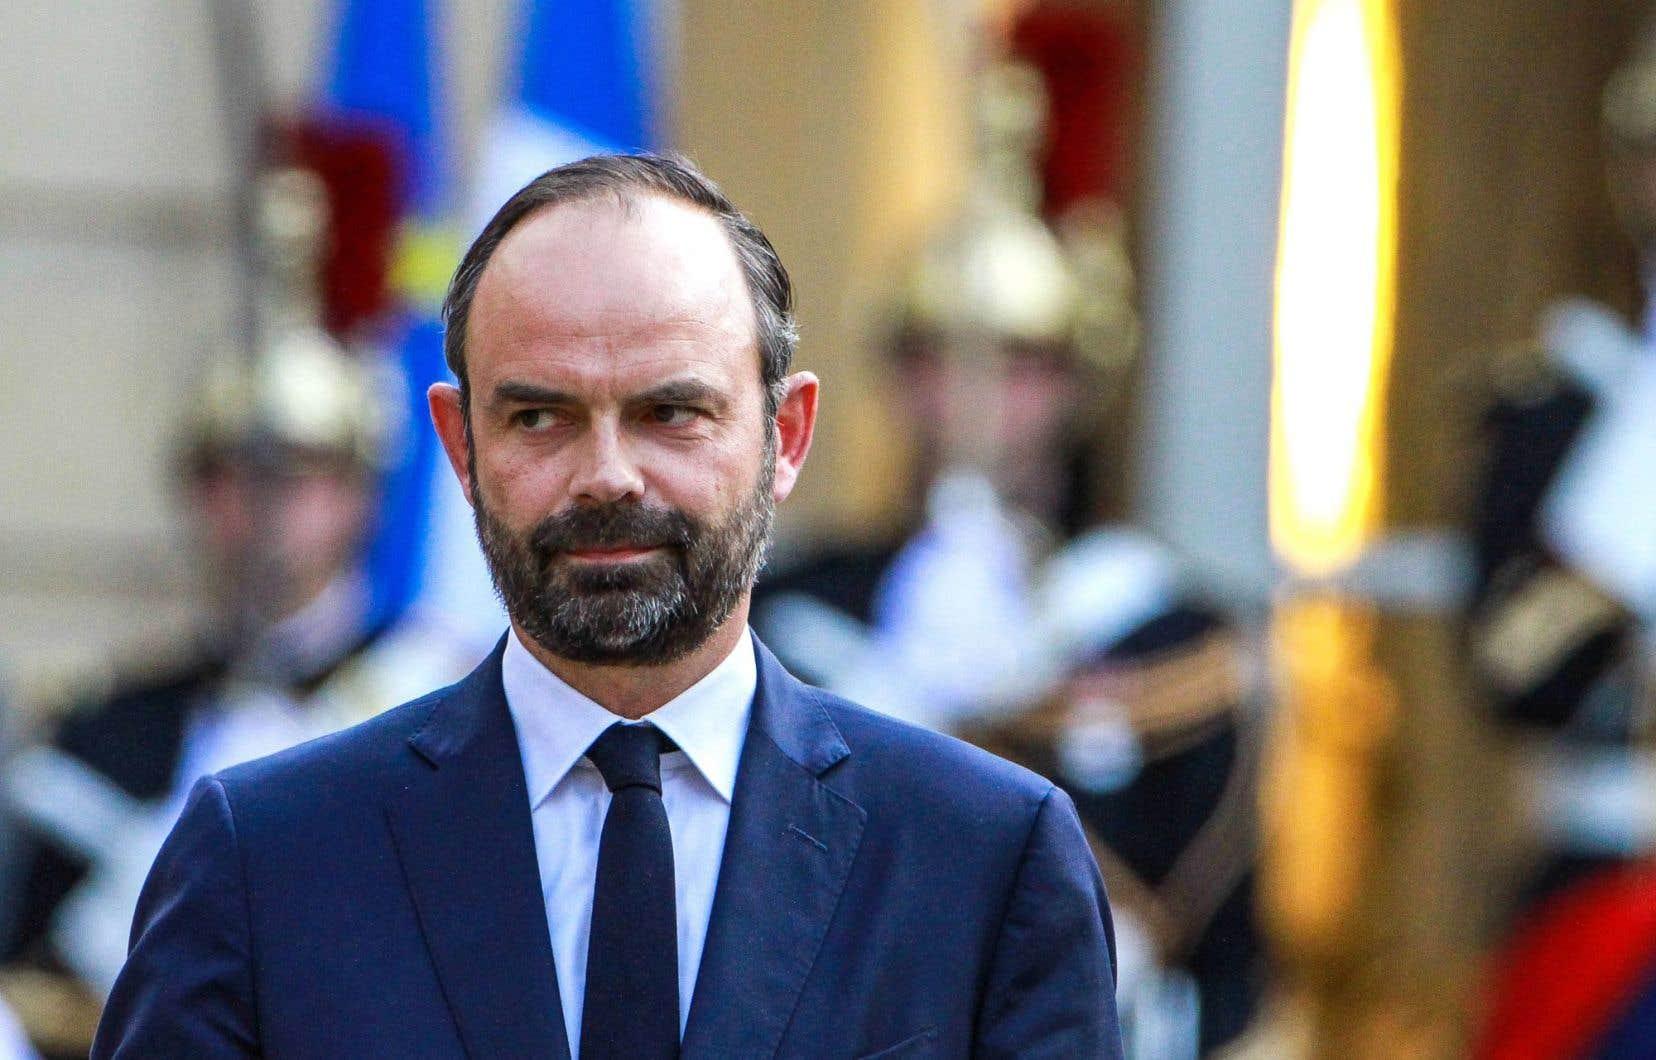 Peu connu du public, Édouard Philippe est membre du parti Les Républicains, le parti de la droite traditionnelle qui a été malmené par l'élection de M. Macron.